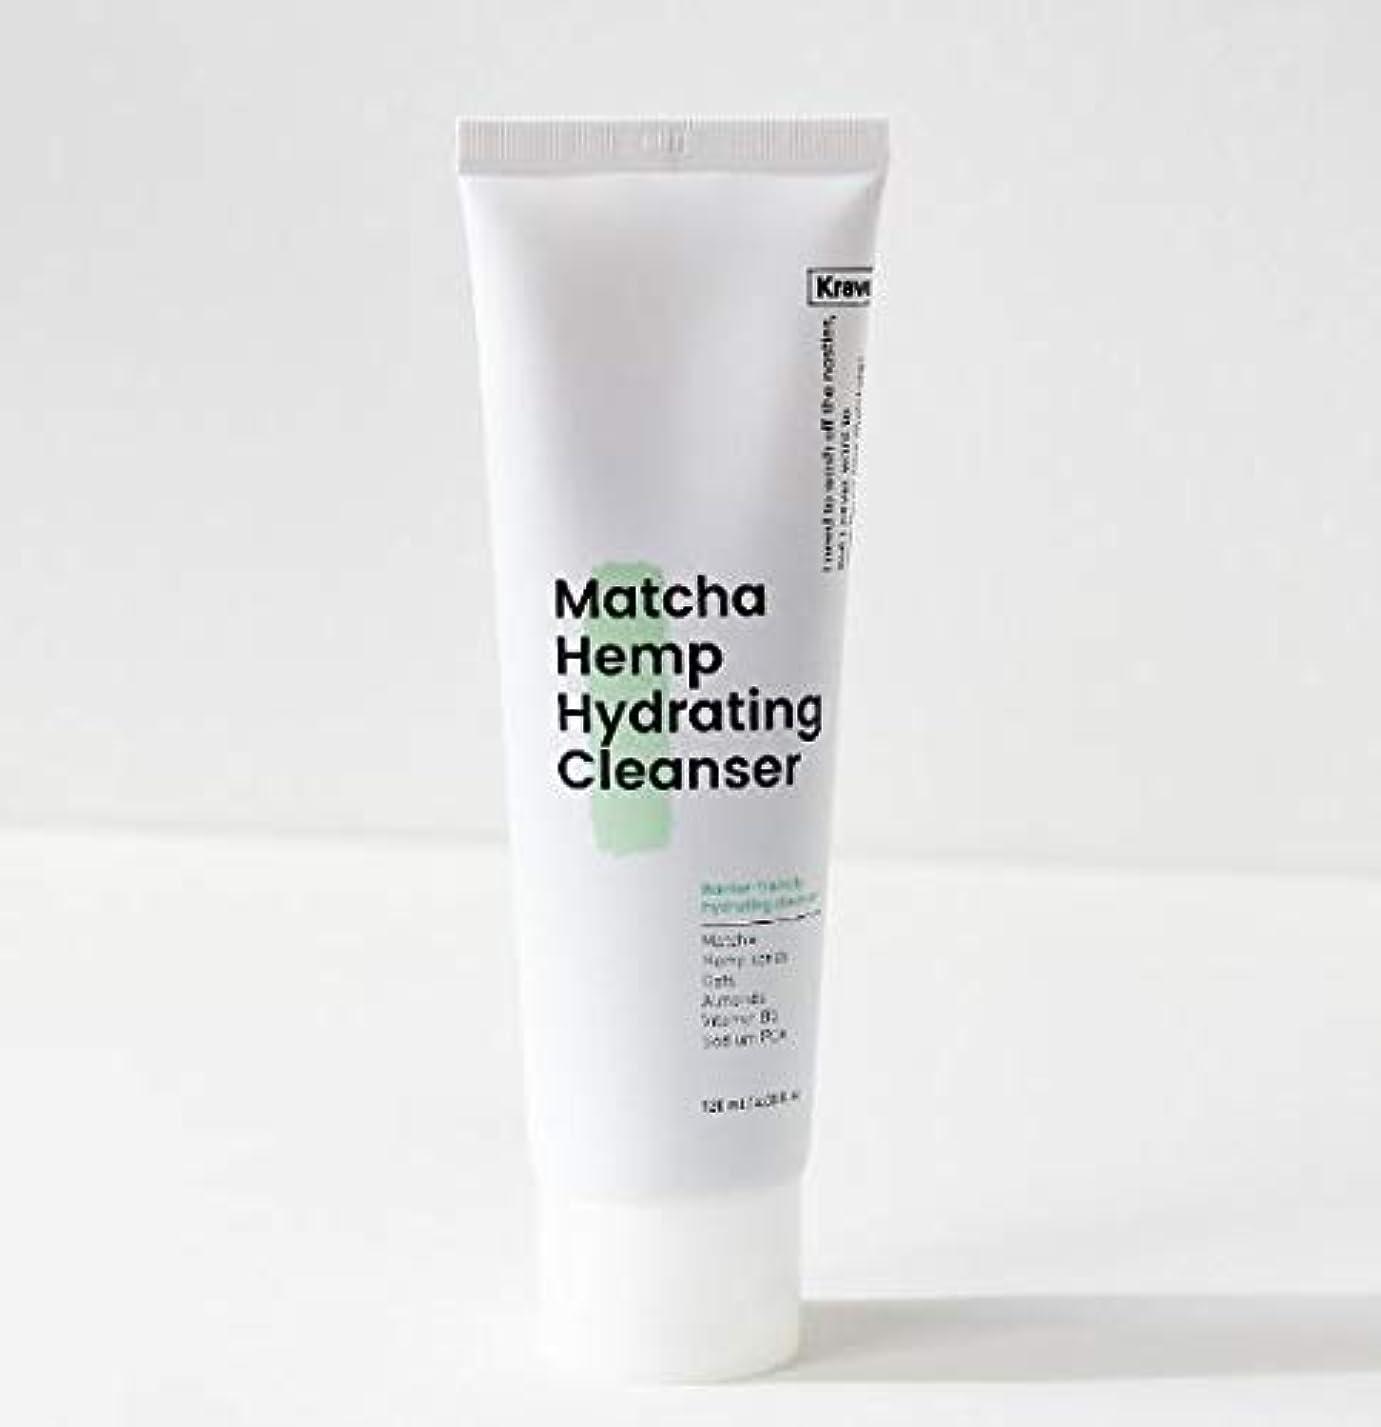 仕出しますトランスミッション設計図[Krave] Matcha Hemp Hydrating Cleanser 120ml / 抹茶ハイドレイティングクレンザー120ml [並行輸入品]